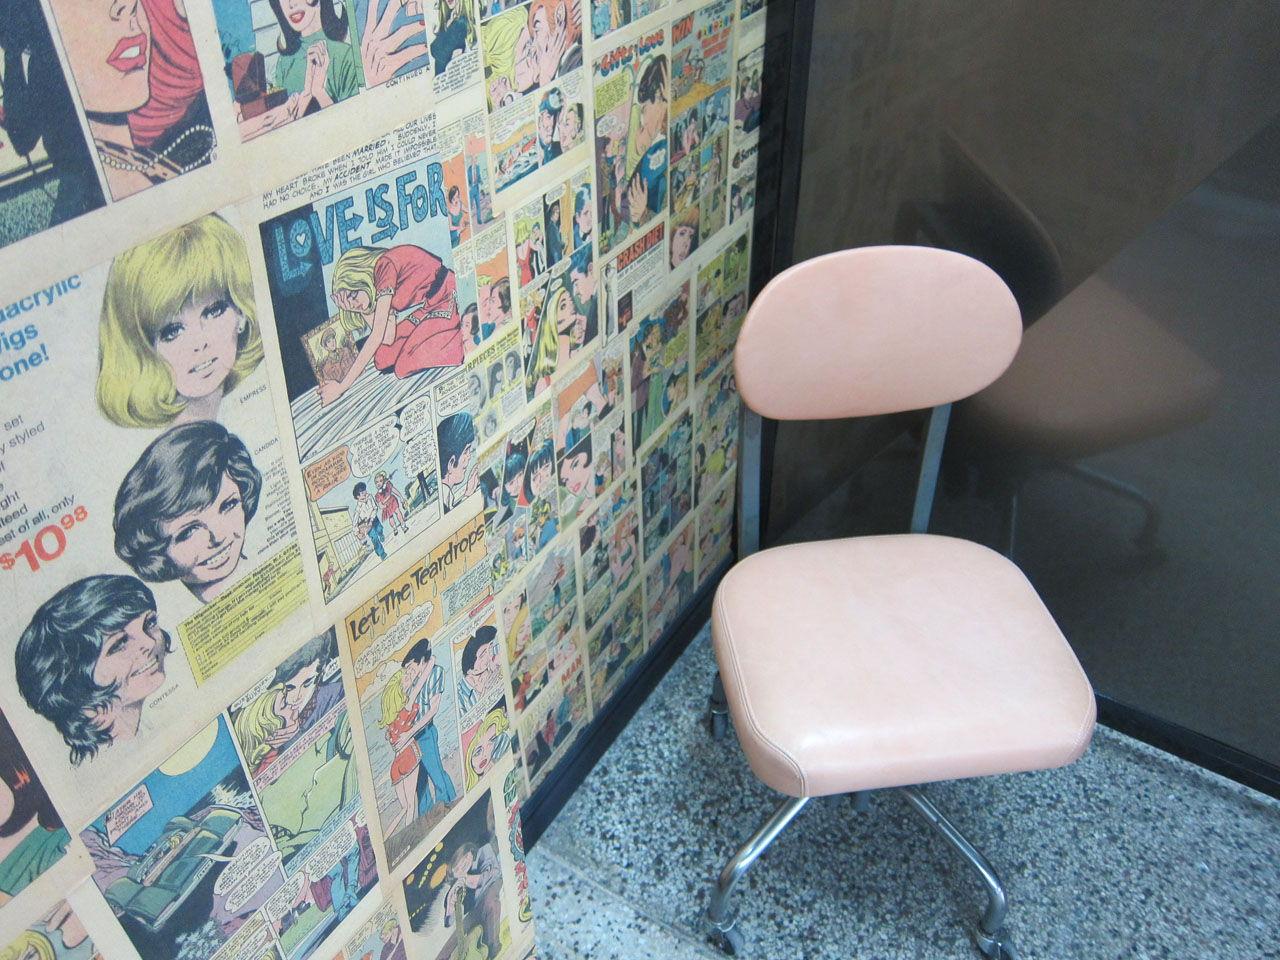 tate + yoko change rooms